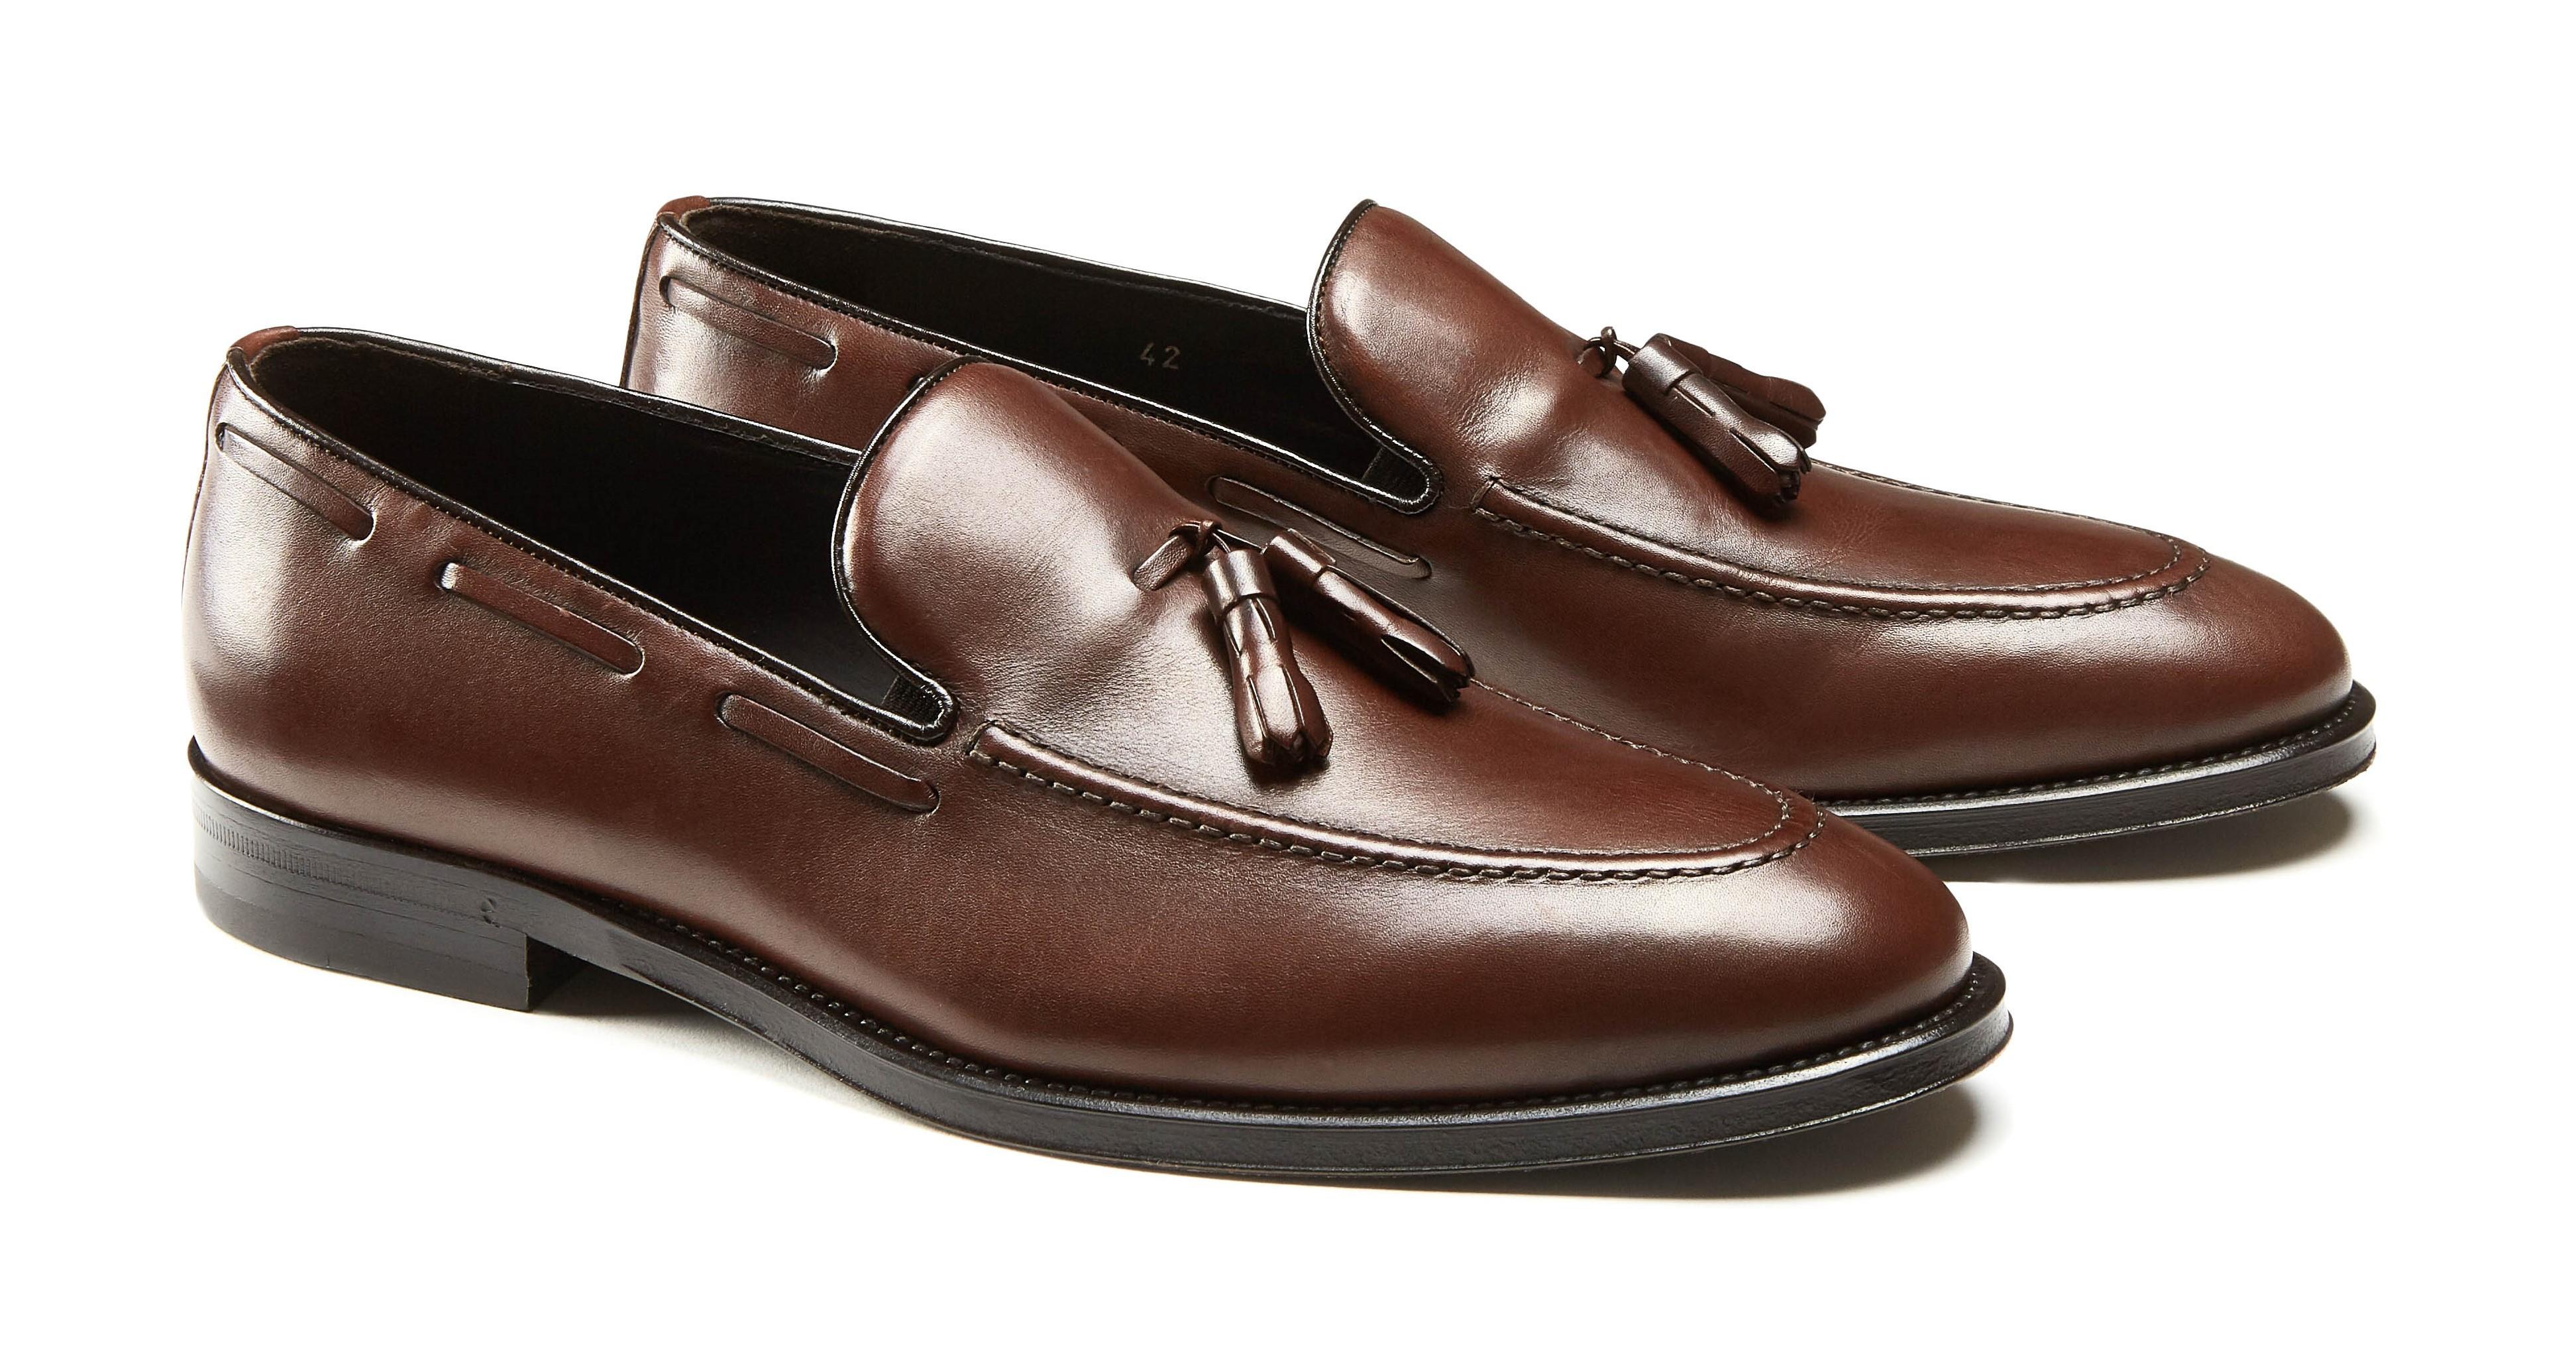 Fragiacomo scarpe da uomo